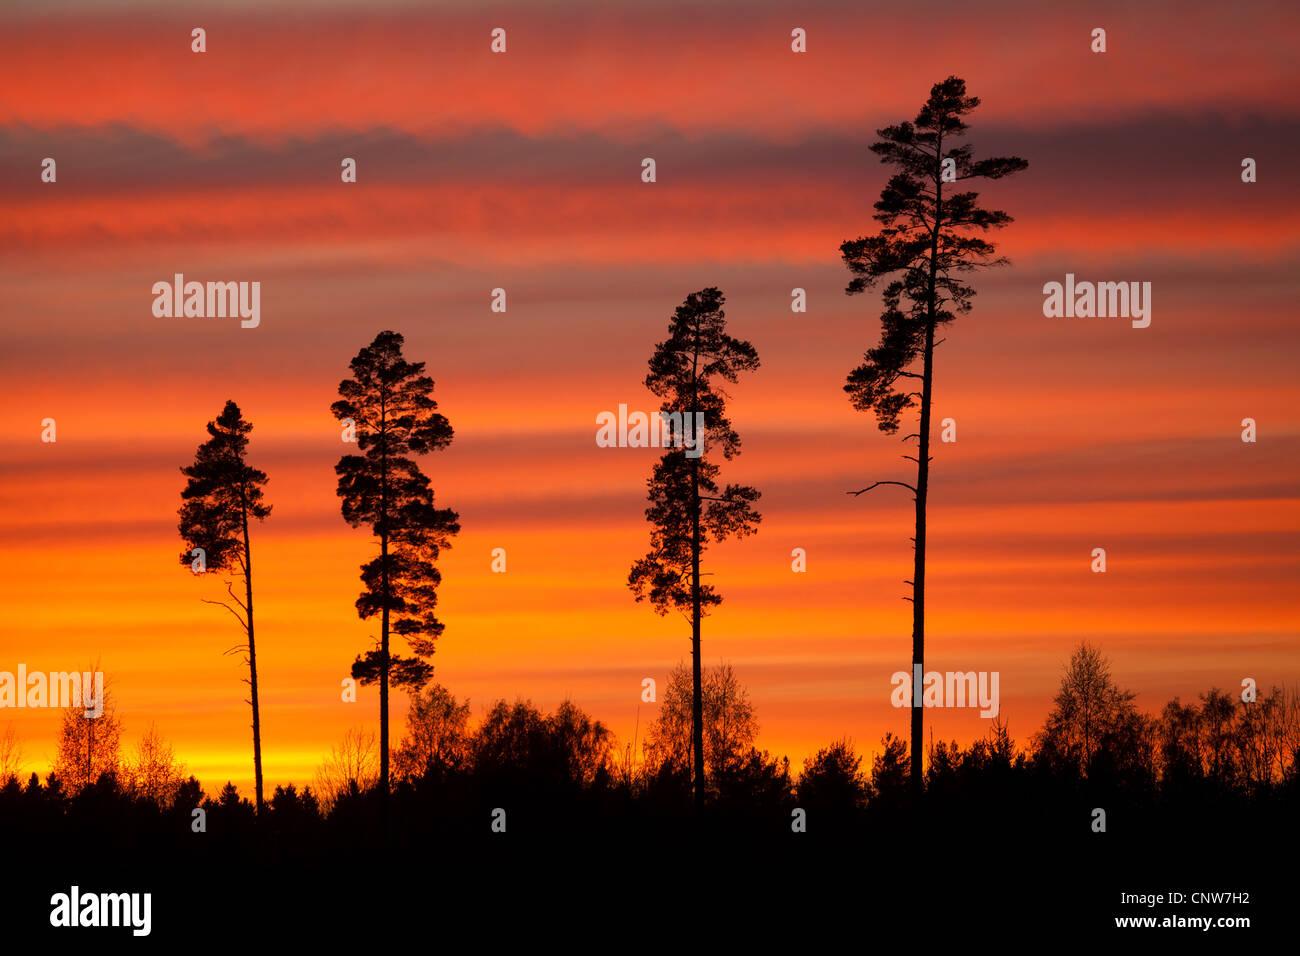 Hohen Kiefern und bunten Himmel in der Abenddämmerung in Råde Kommune, Østfold Fylke, Norwegen. Stockbild